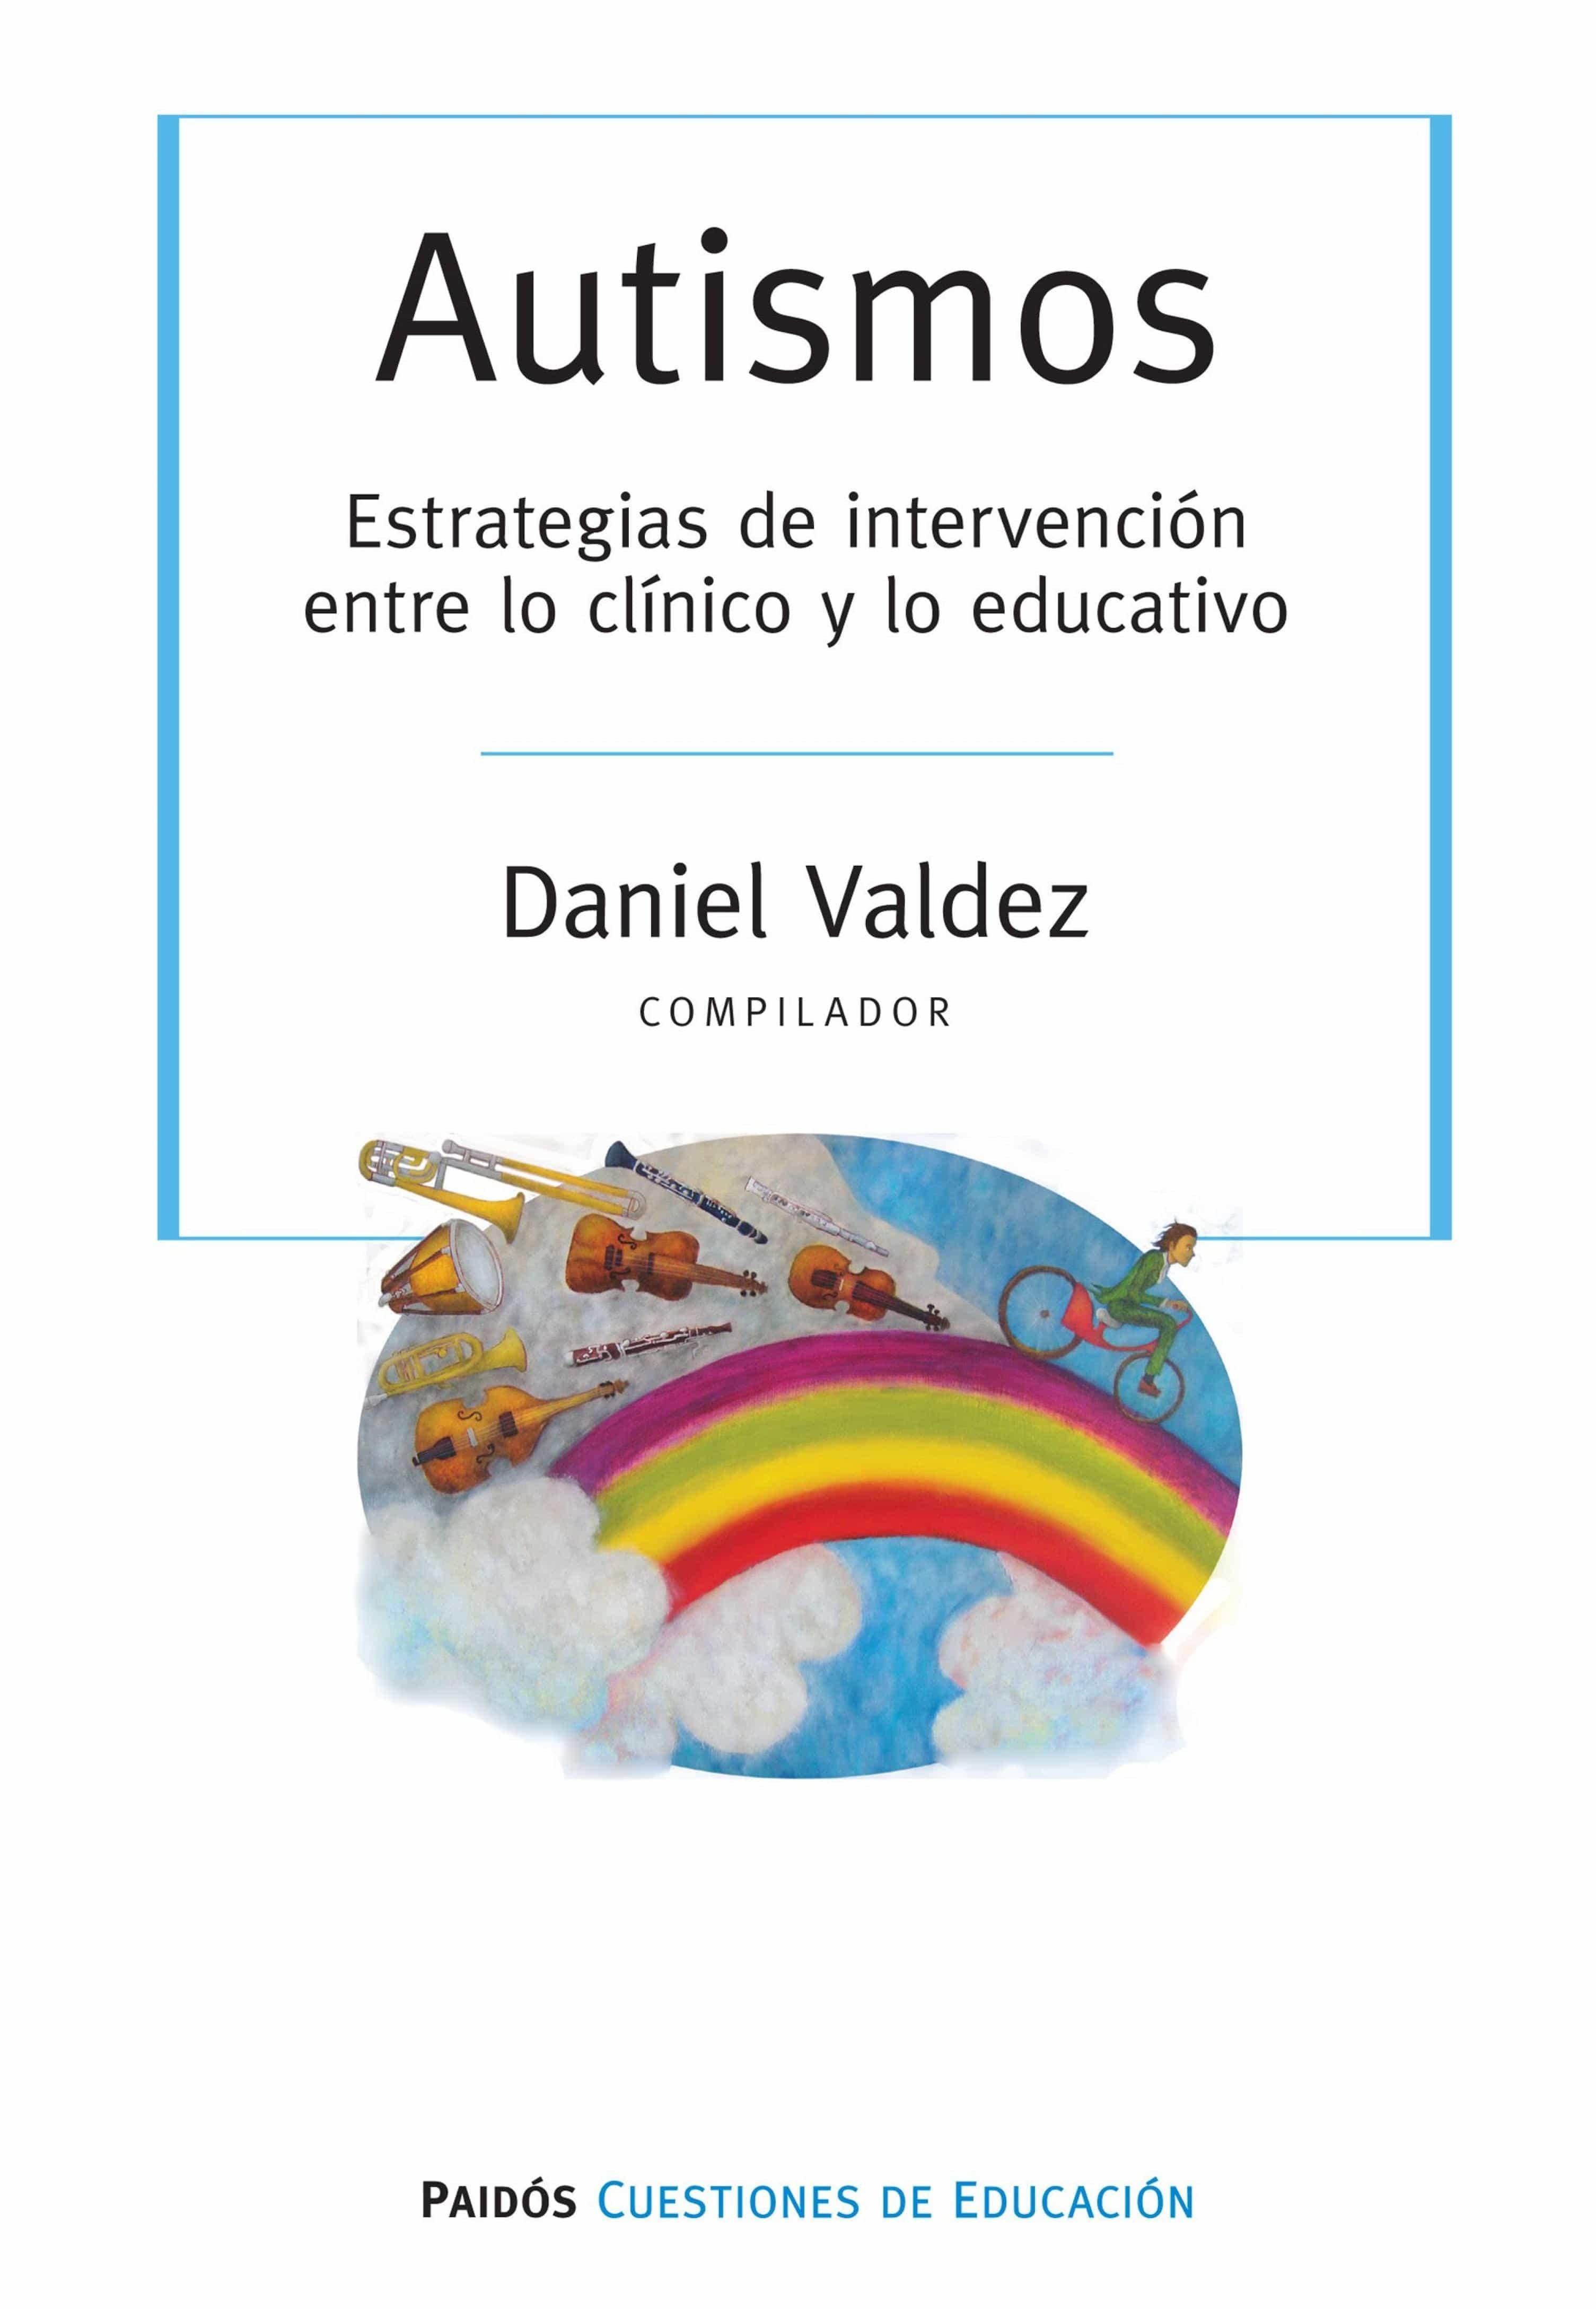 Autismos. Estrategias De Intervención Entre Lo Clínici Y Lo Educativo   por Daniel (comp.) Valdez